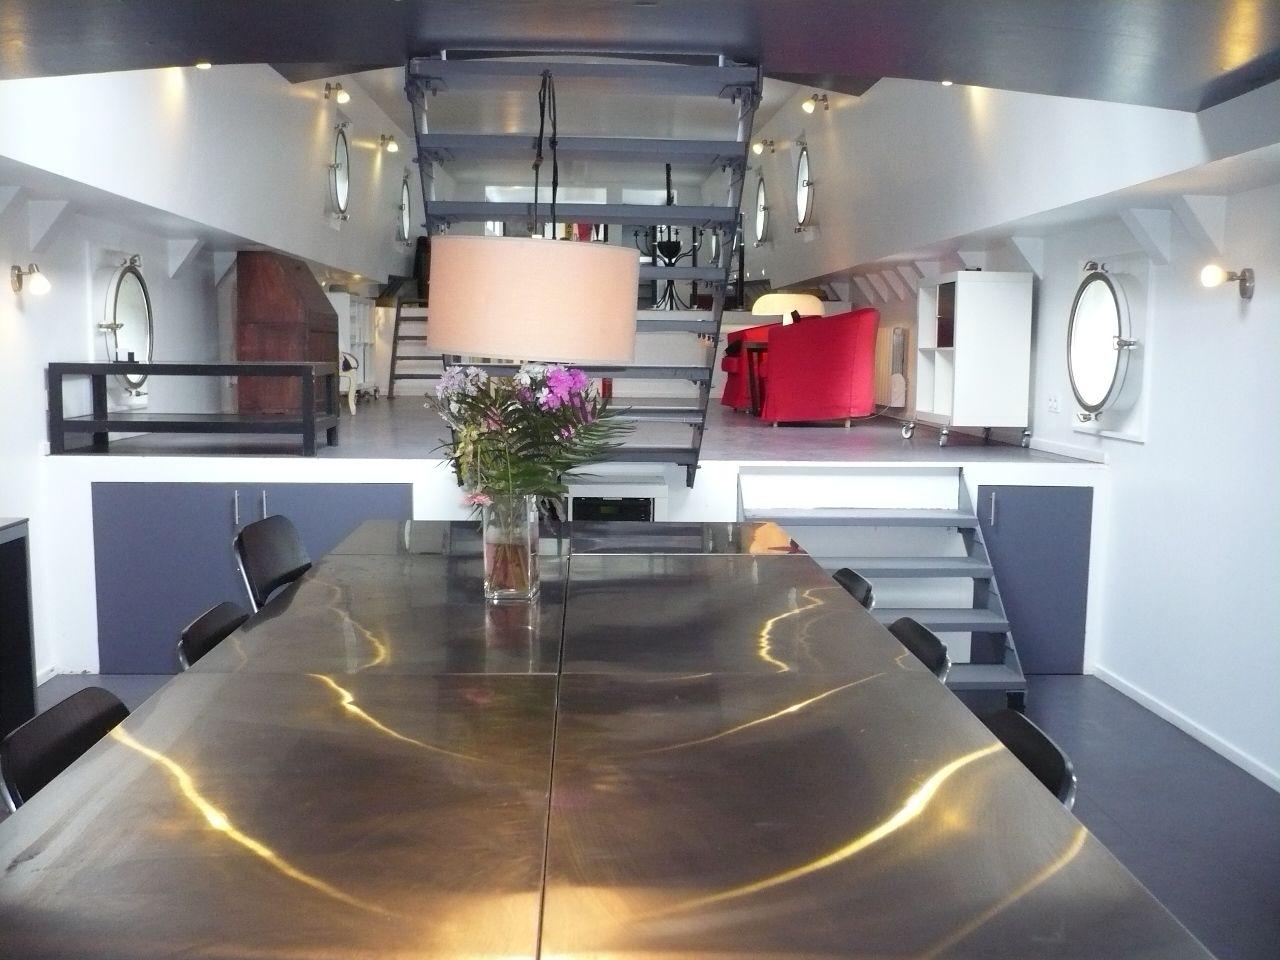 magnifique freycinet am nag e sur 2 niveaux 92 p niche pinterest p niches environnement. Black Bedroom Furniture Sets. Home Design Ideas